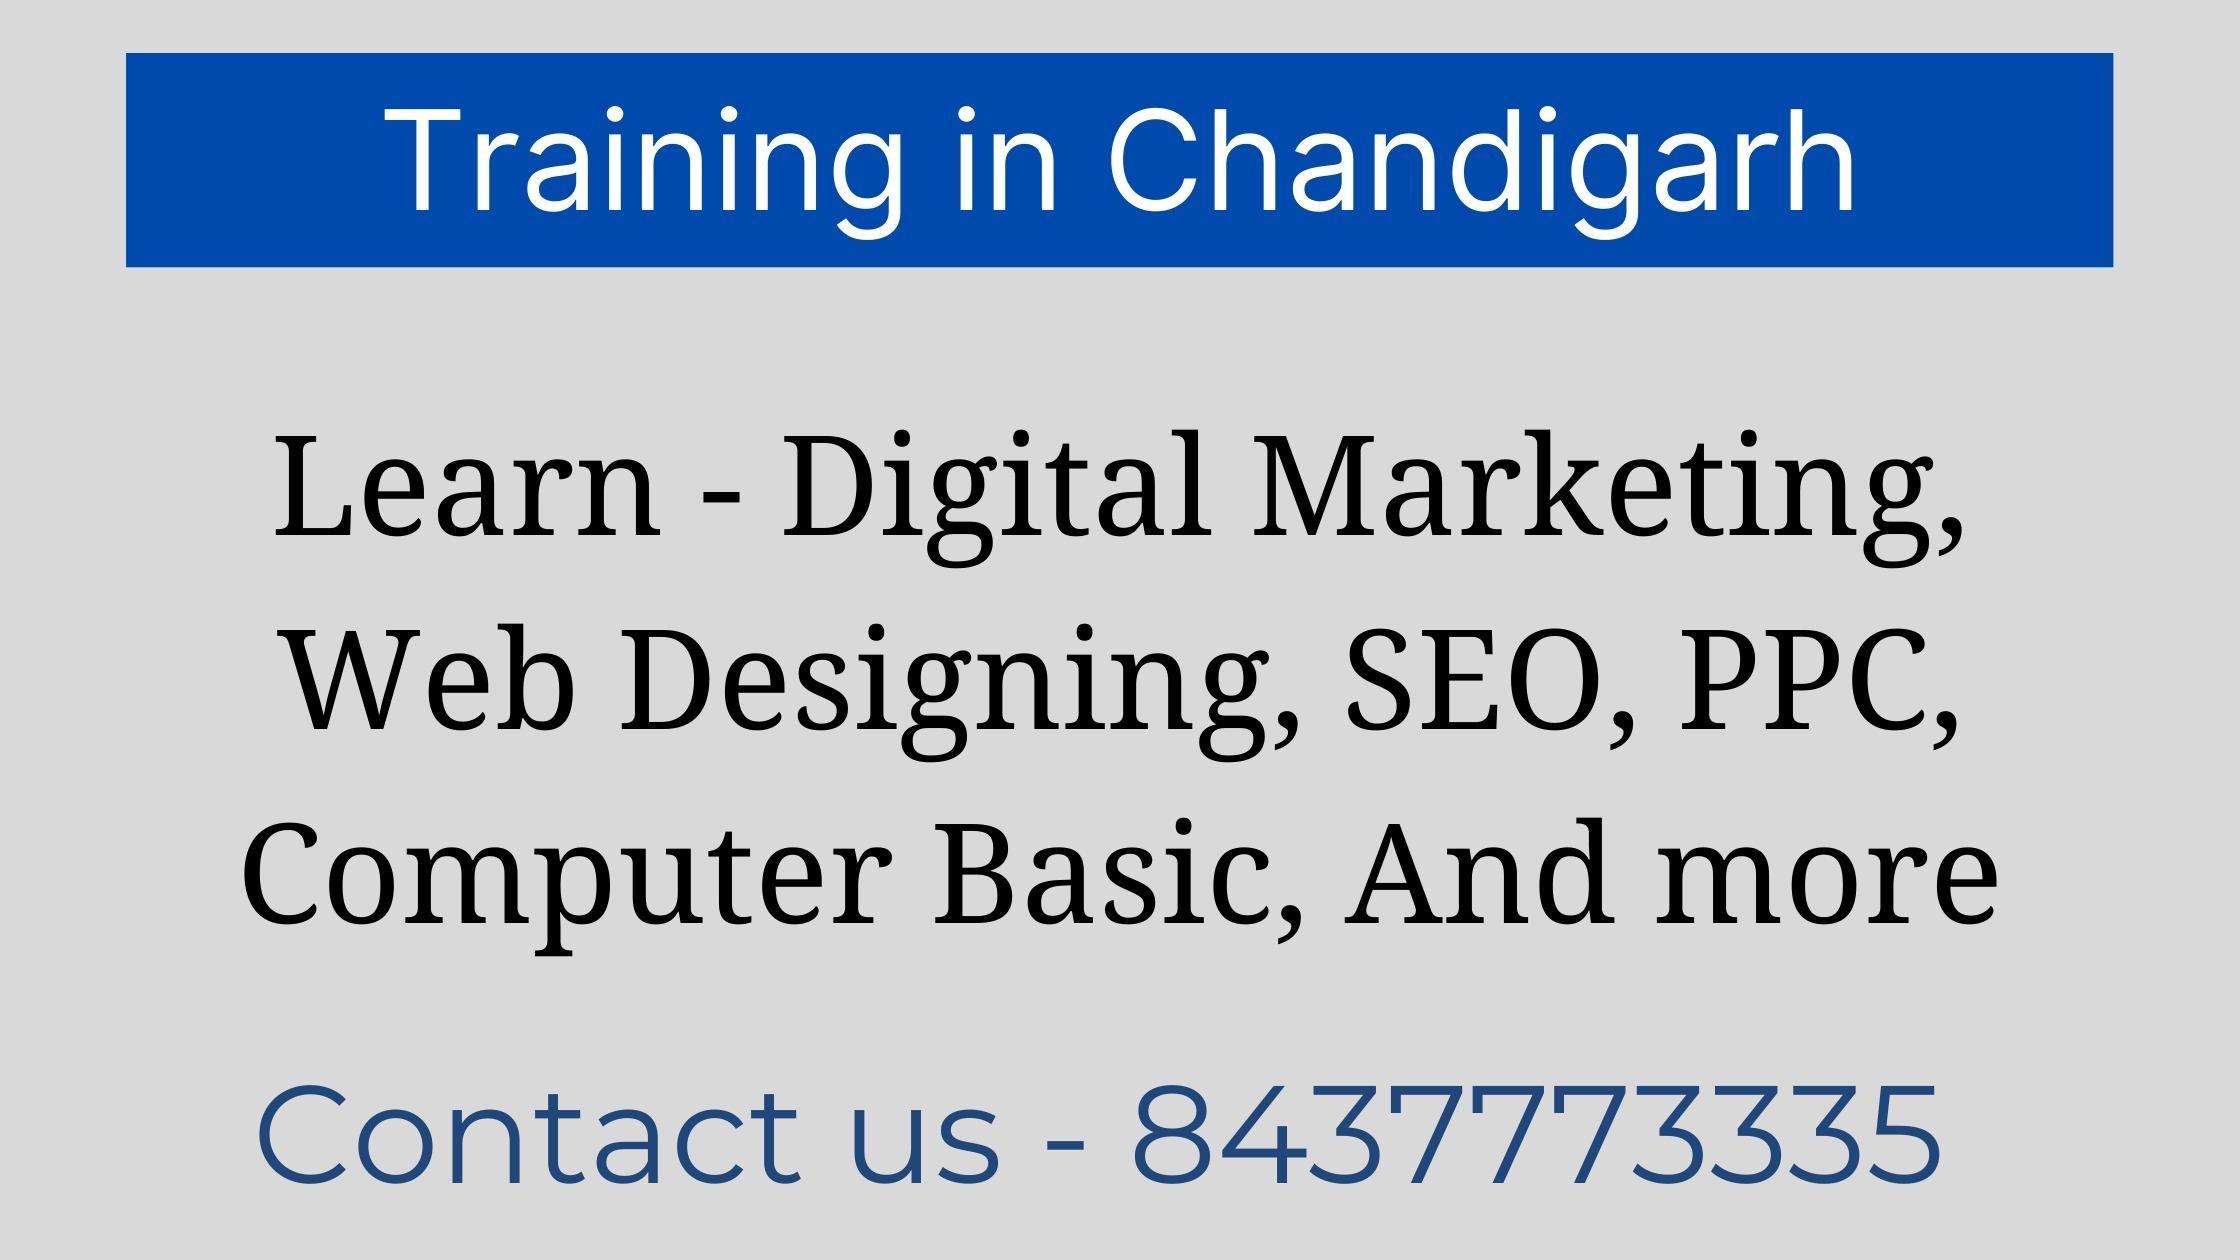 Training in Chandigarh (@traininginchandigarh01) Cover Image